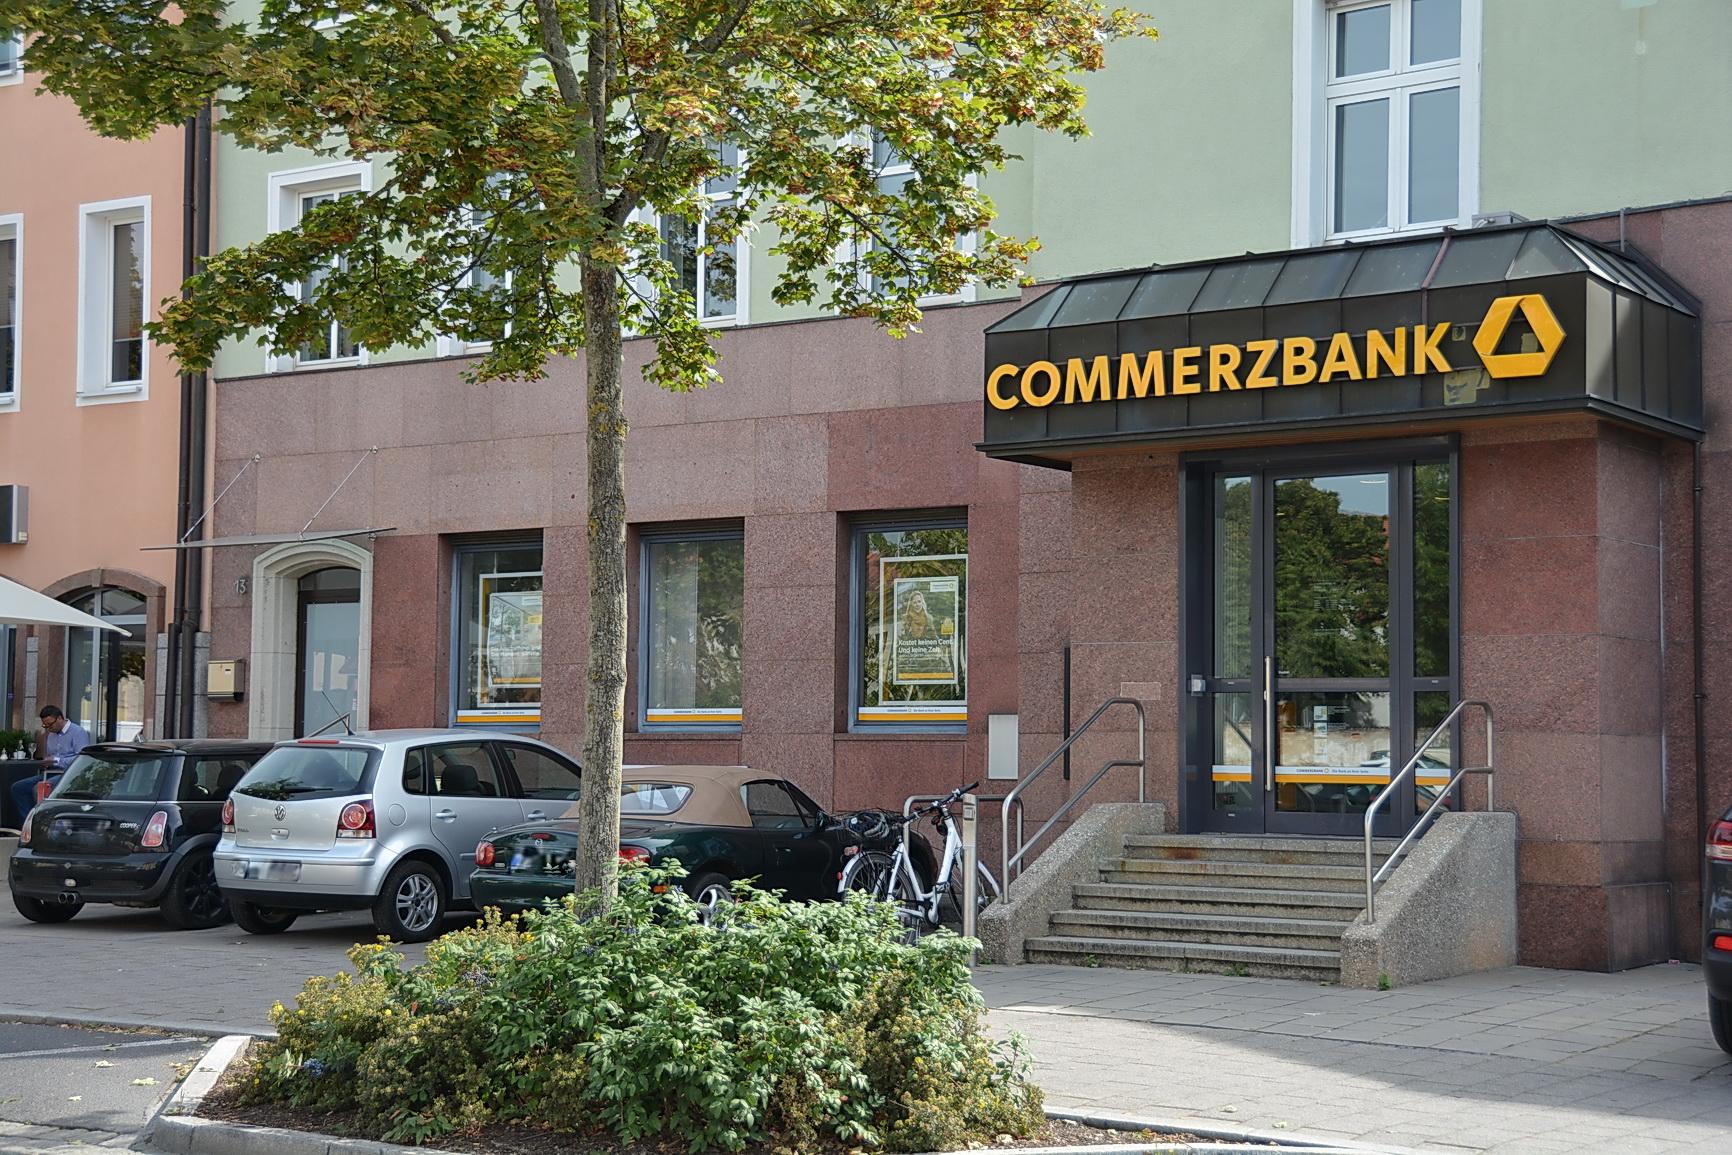 Commerzbank Neumarkt